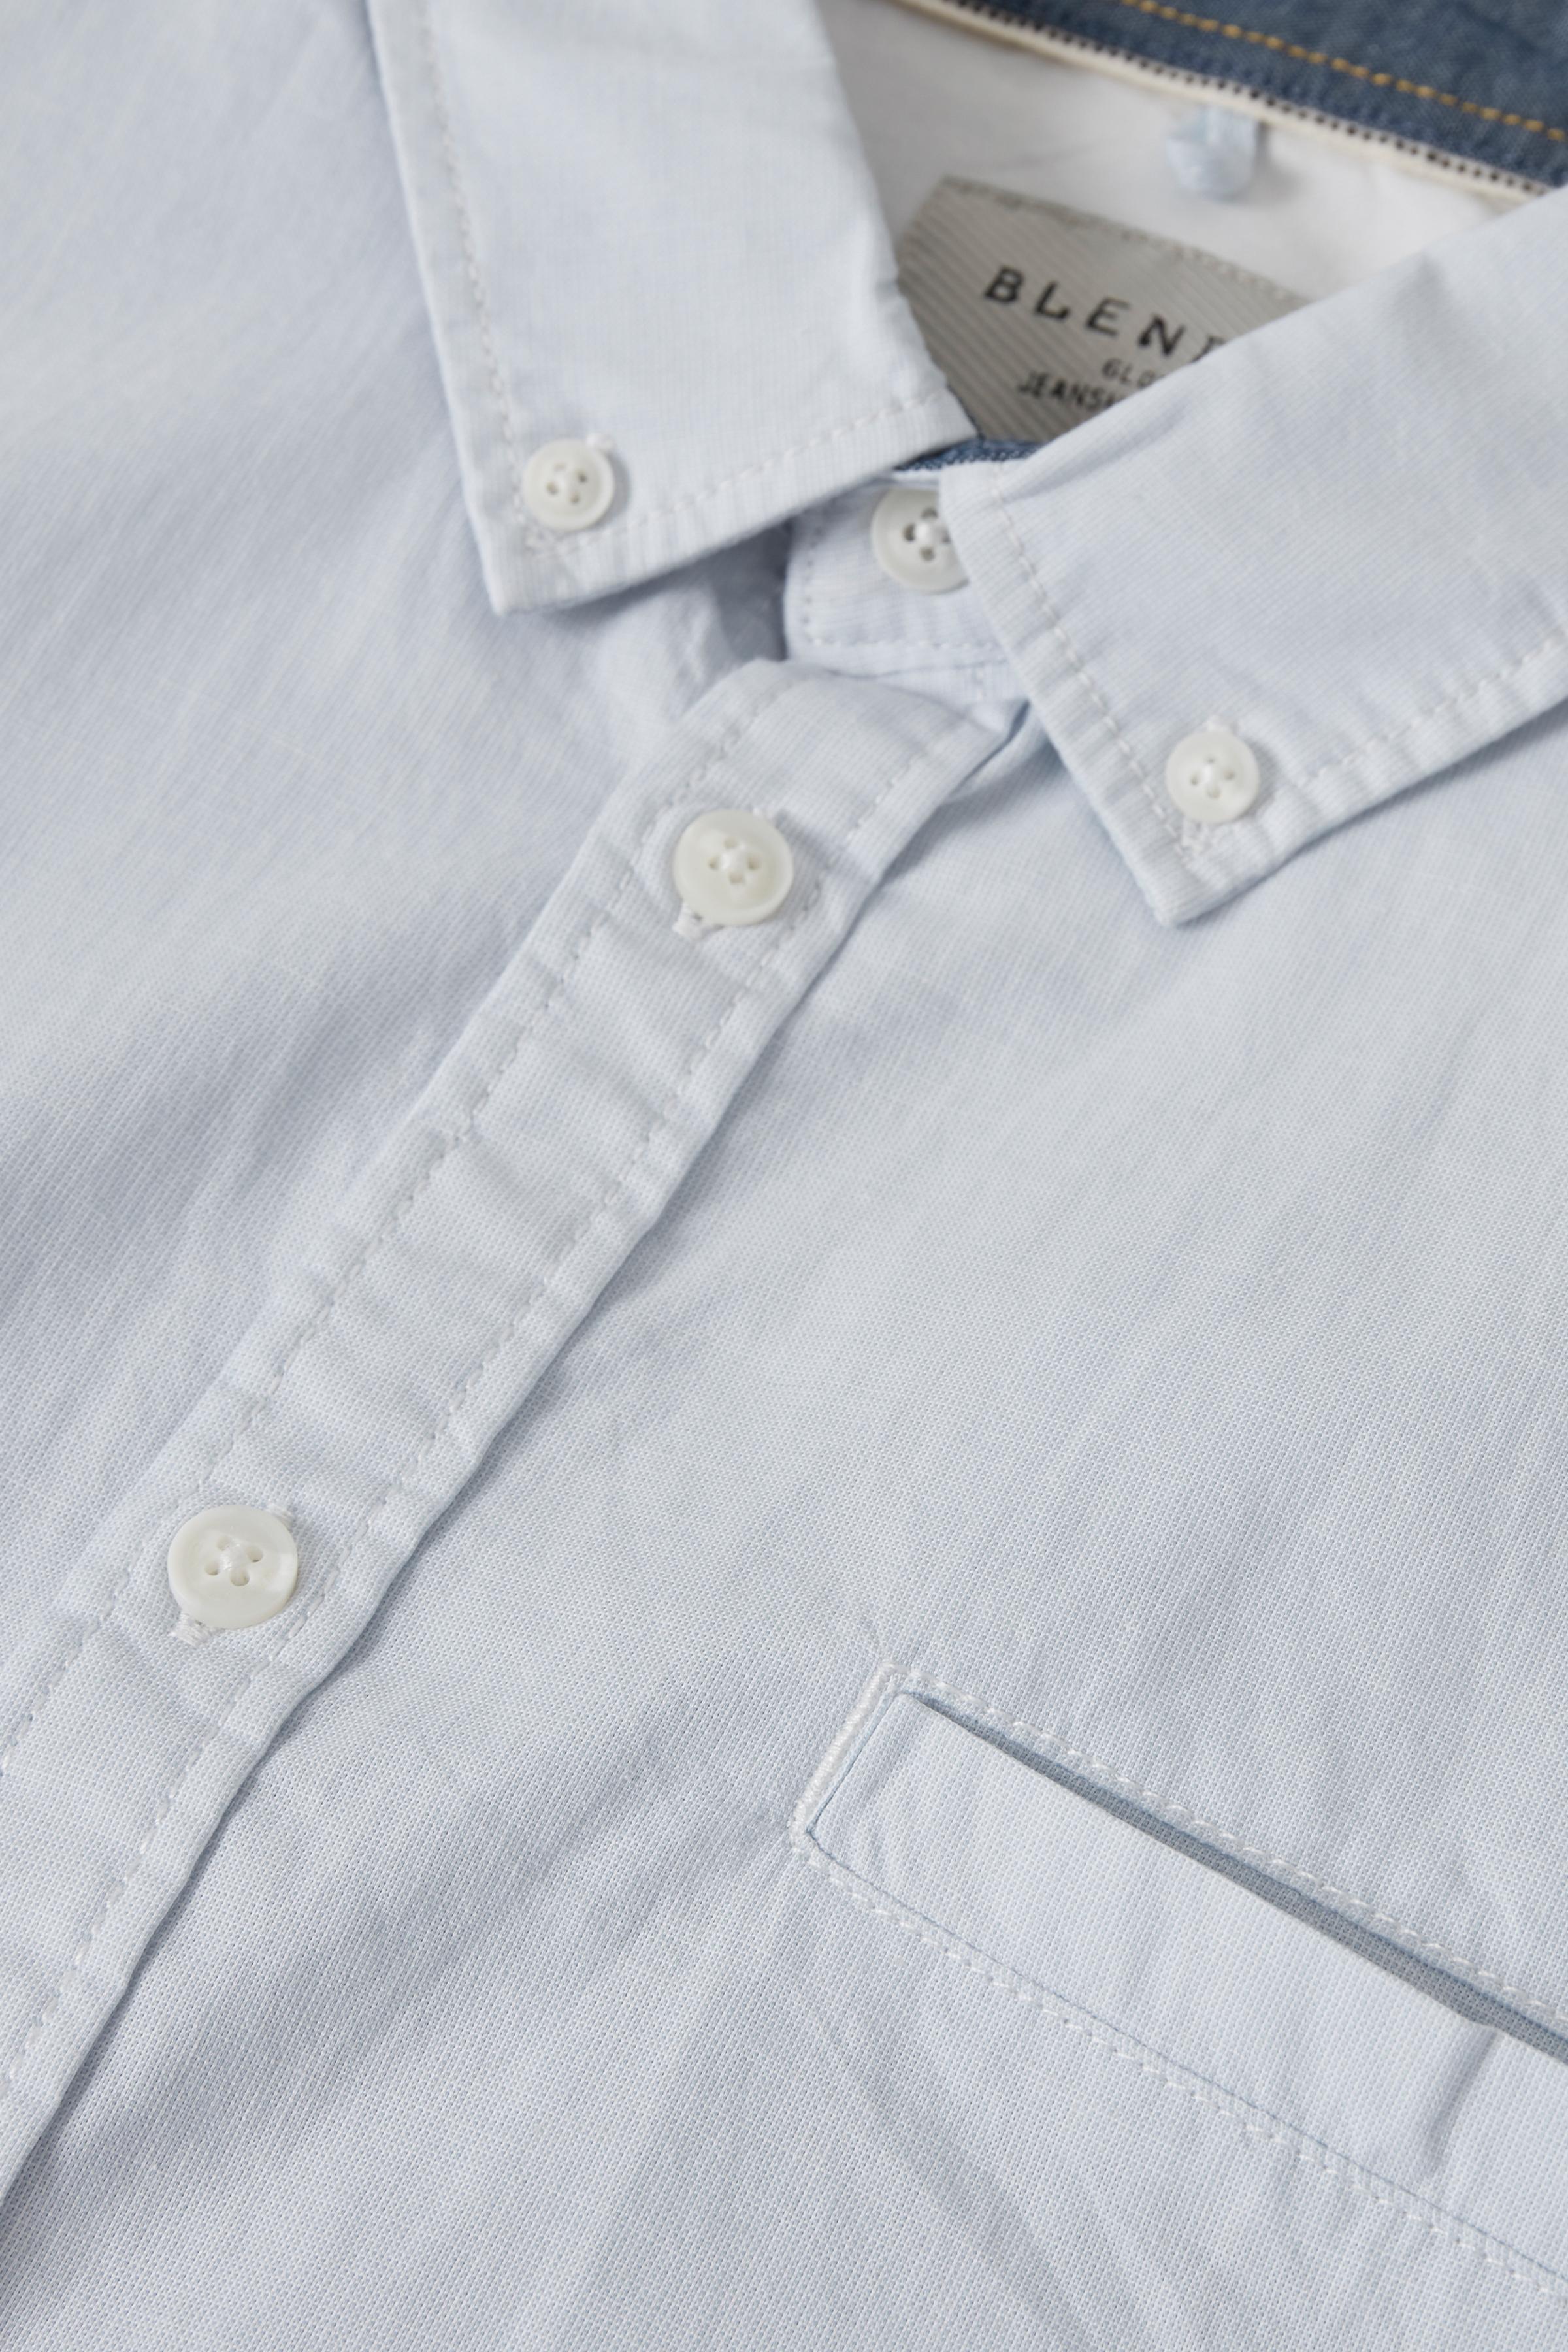 Soft Blue Langærmet skjorte – Køb Soft Blue Langærmet skjorte fra str. S-XXL her